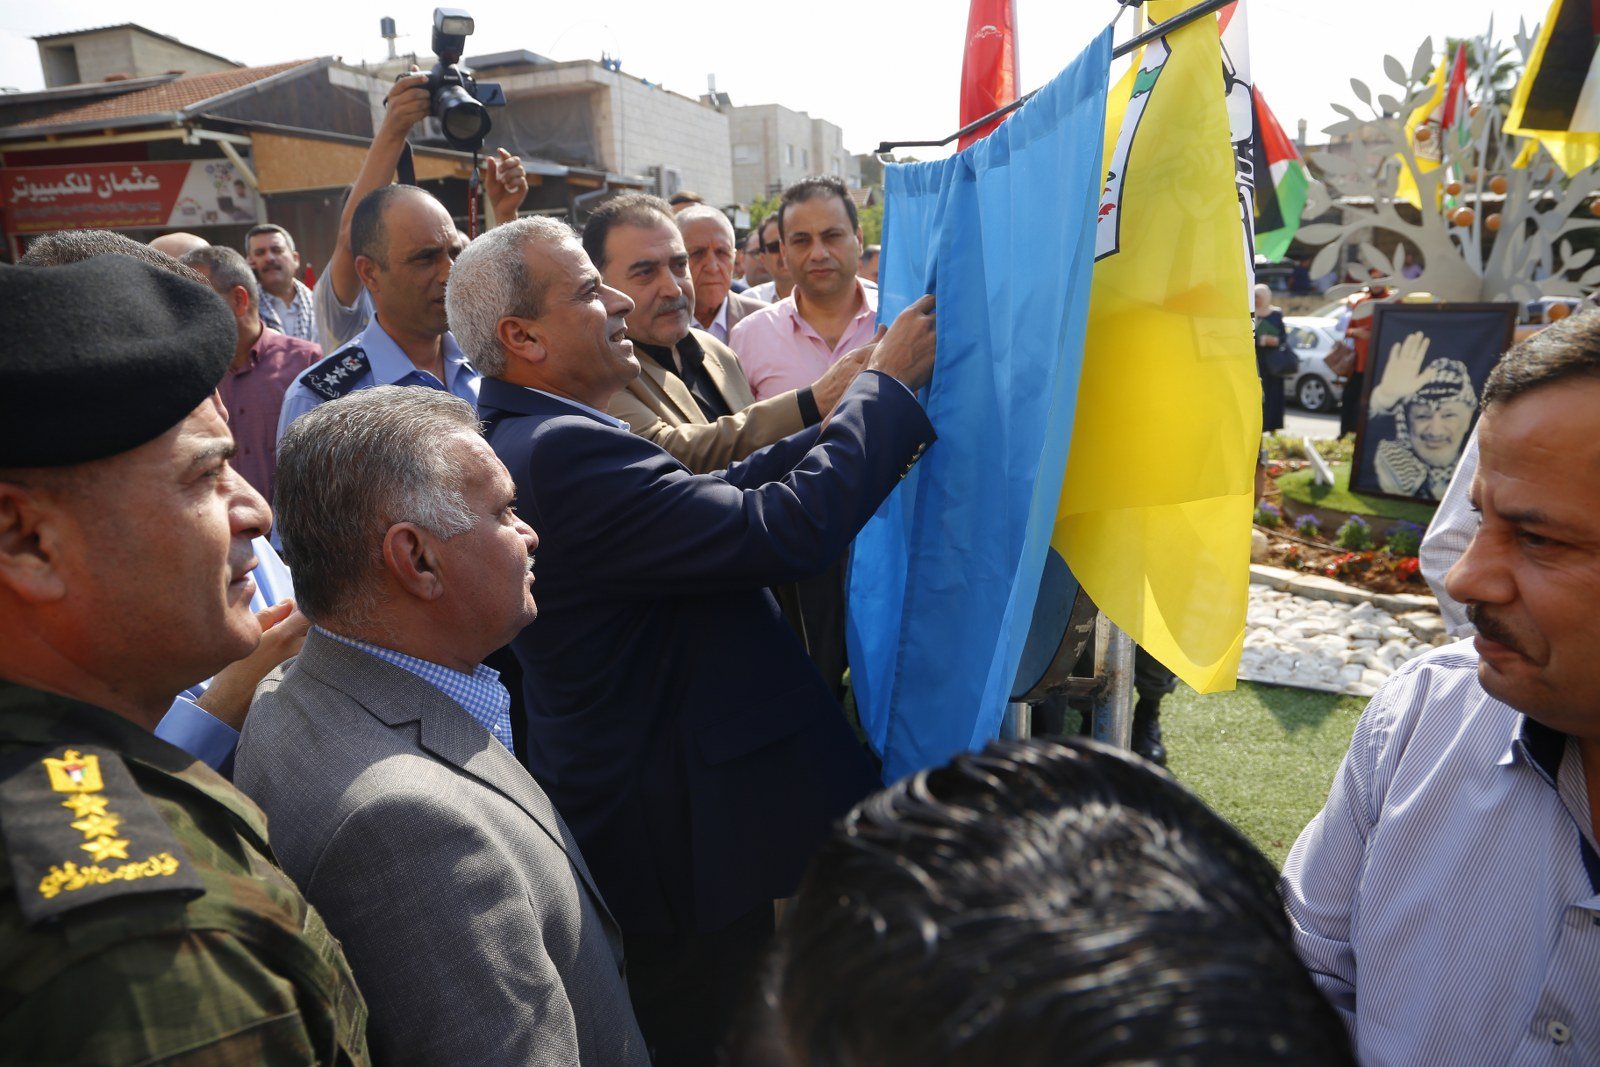 بلدية قلقيلية تشارك في إطلاق فعاليات ذكرى استشهاد ياسر عرفات بافتتاح دوار الشهيد ياسر عرفات